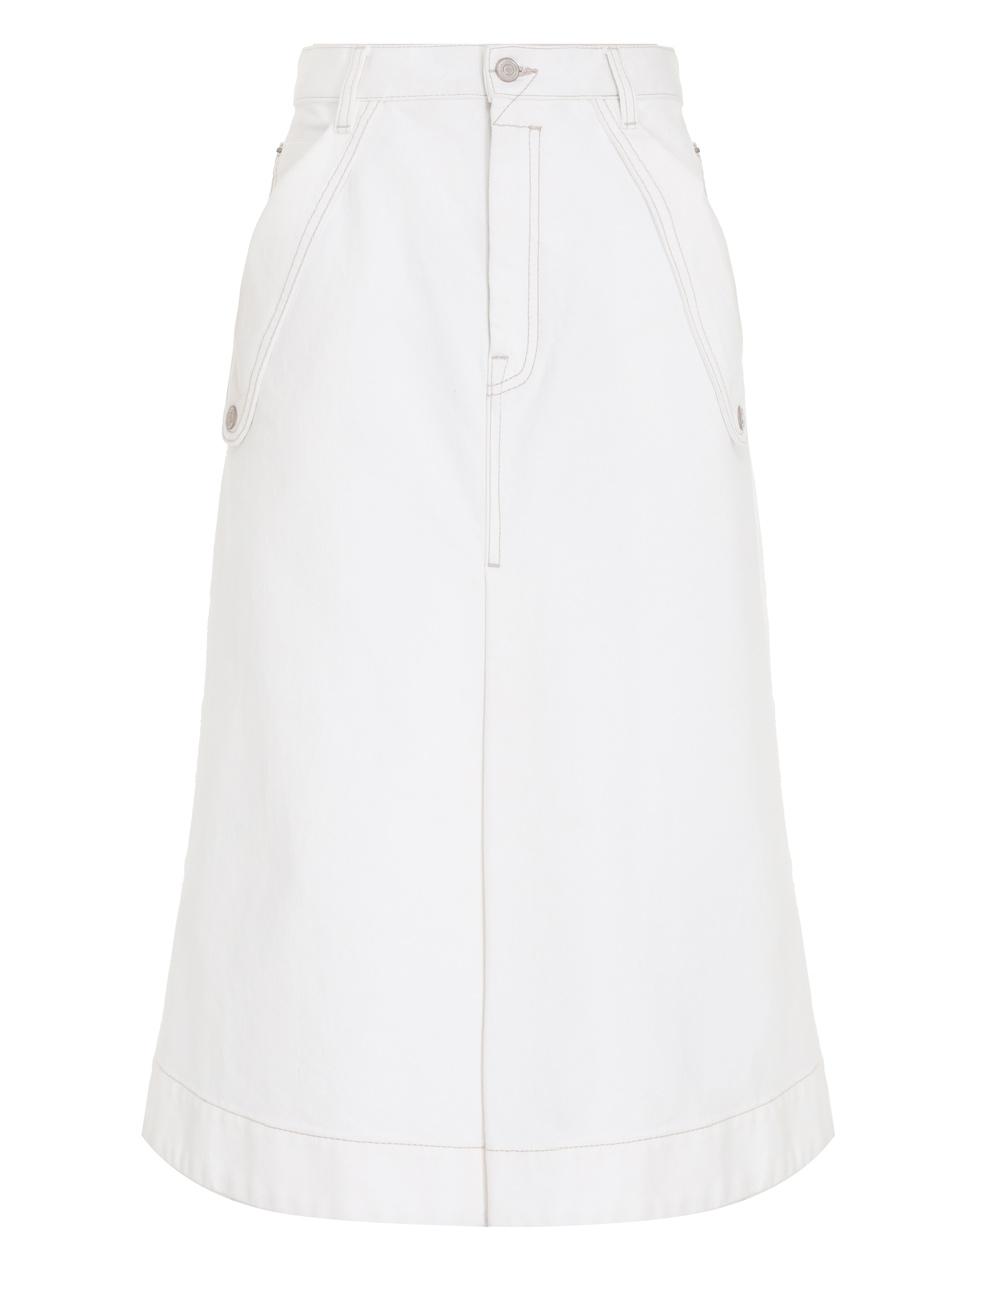 Pocket Skirt